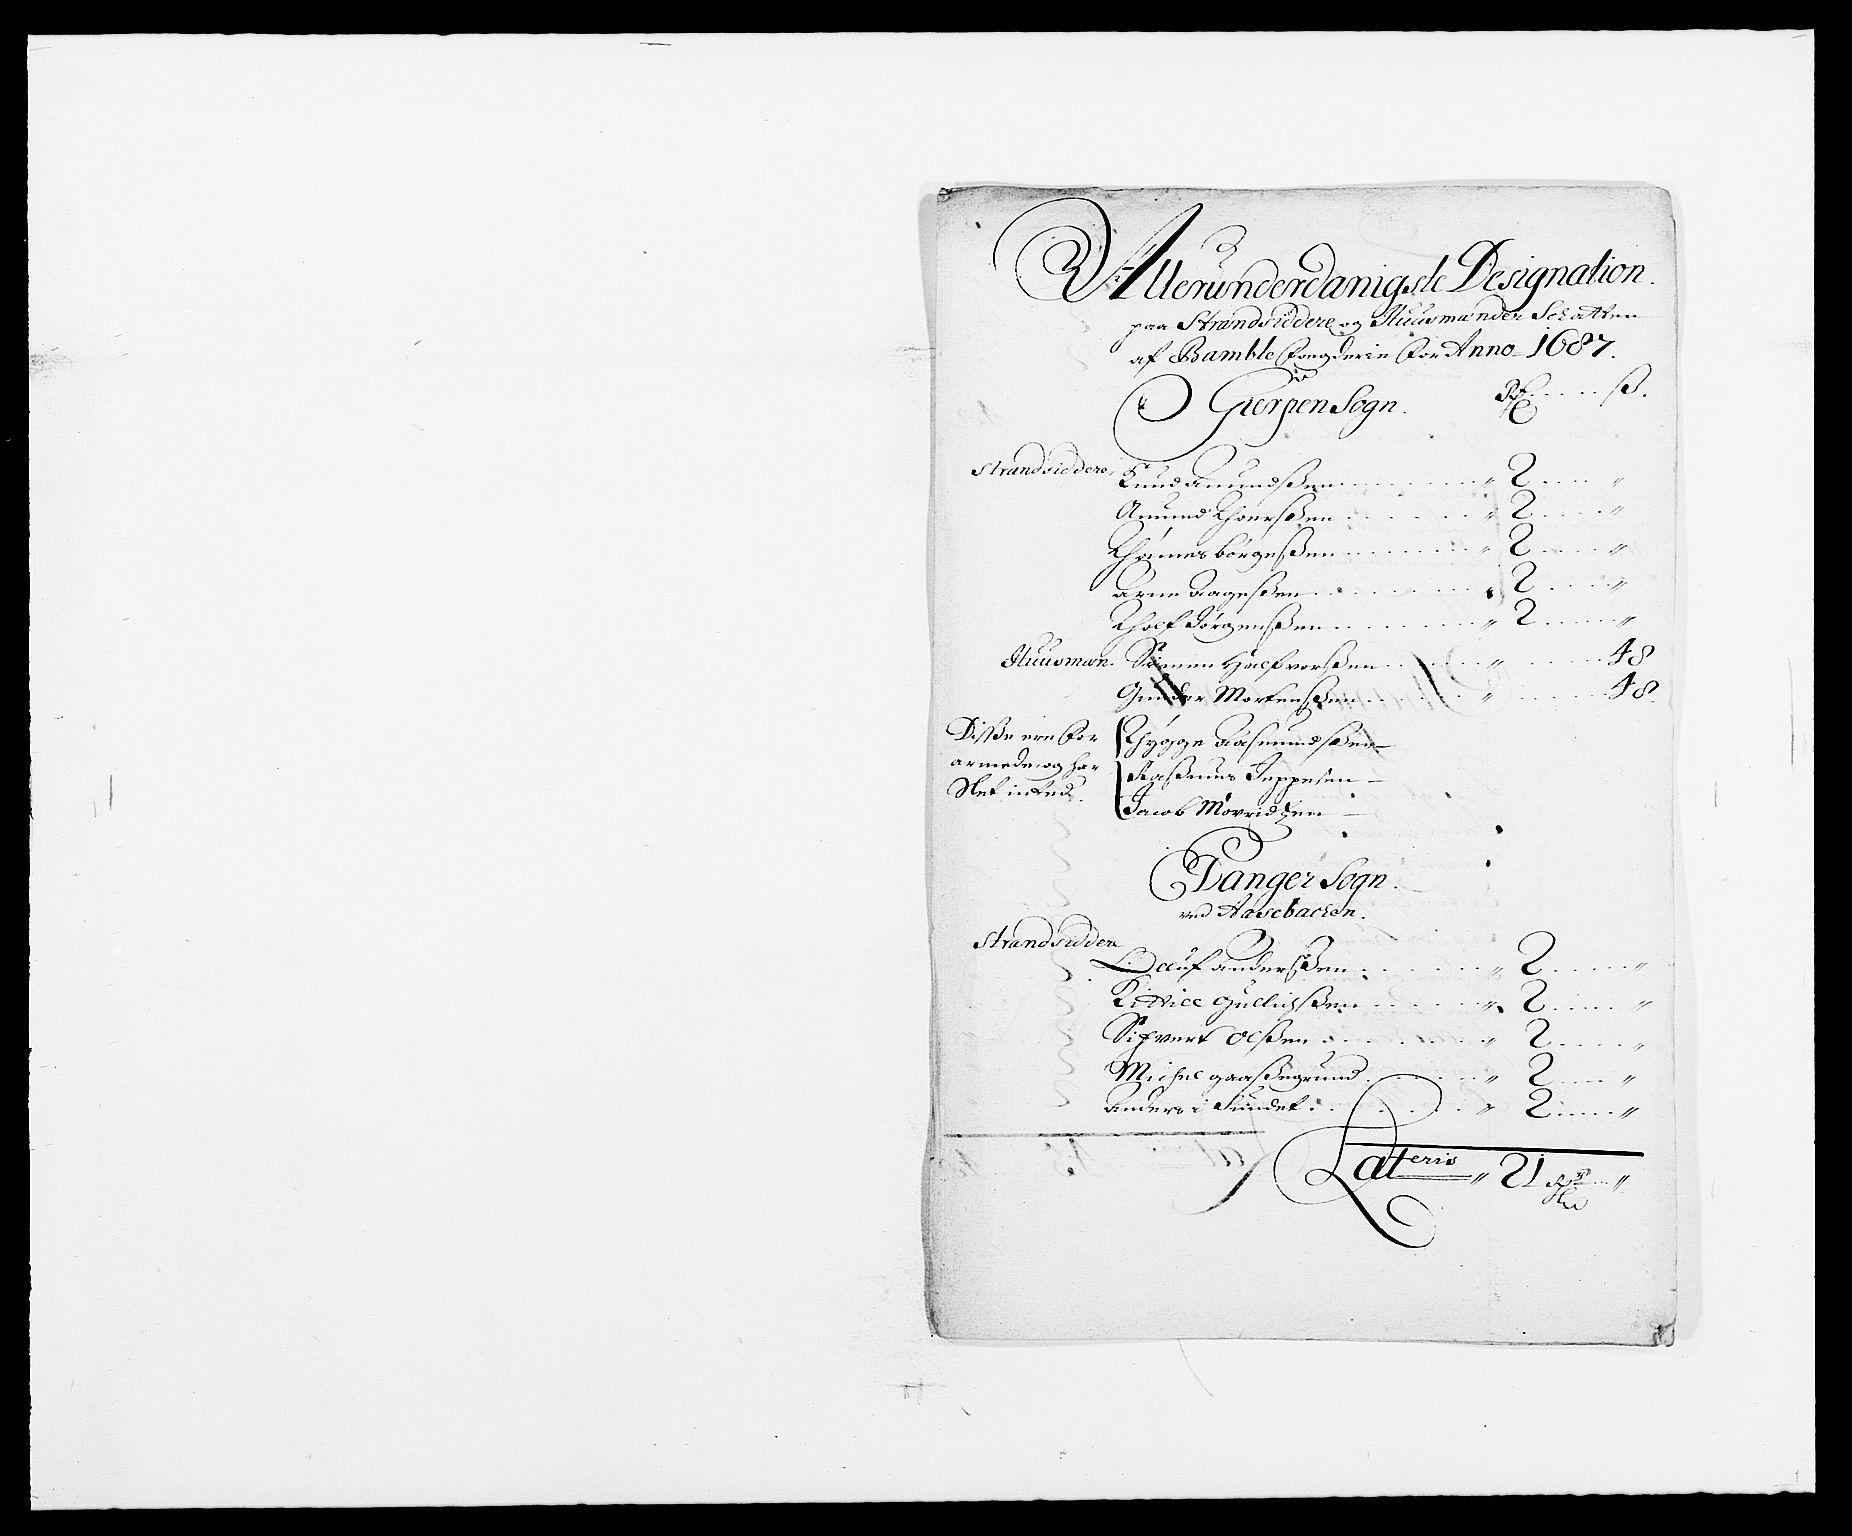 RA, Rentekammeret inntil 1814, Reviderte regnskaper, Fogderegnskap, R34/L2049: Fogderegnskap Bamble, 1685-1687, s. 269